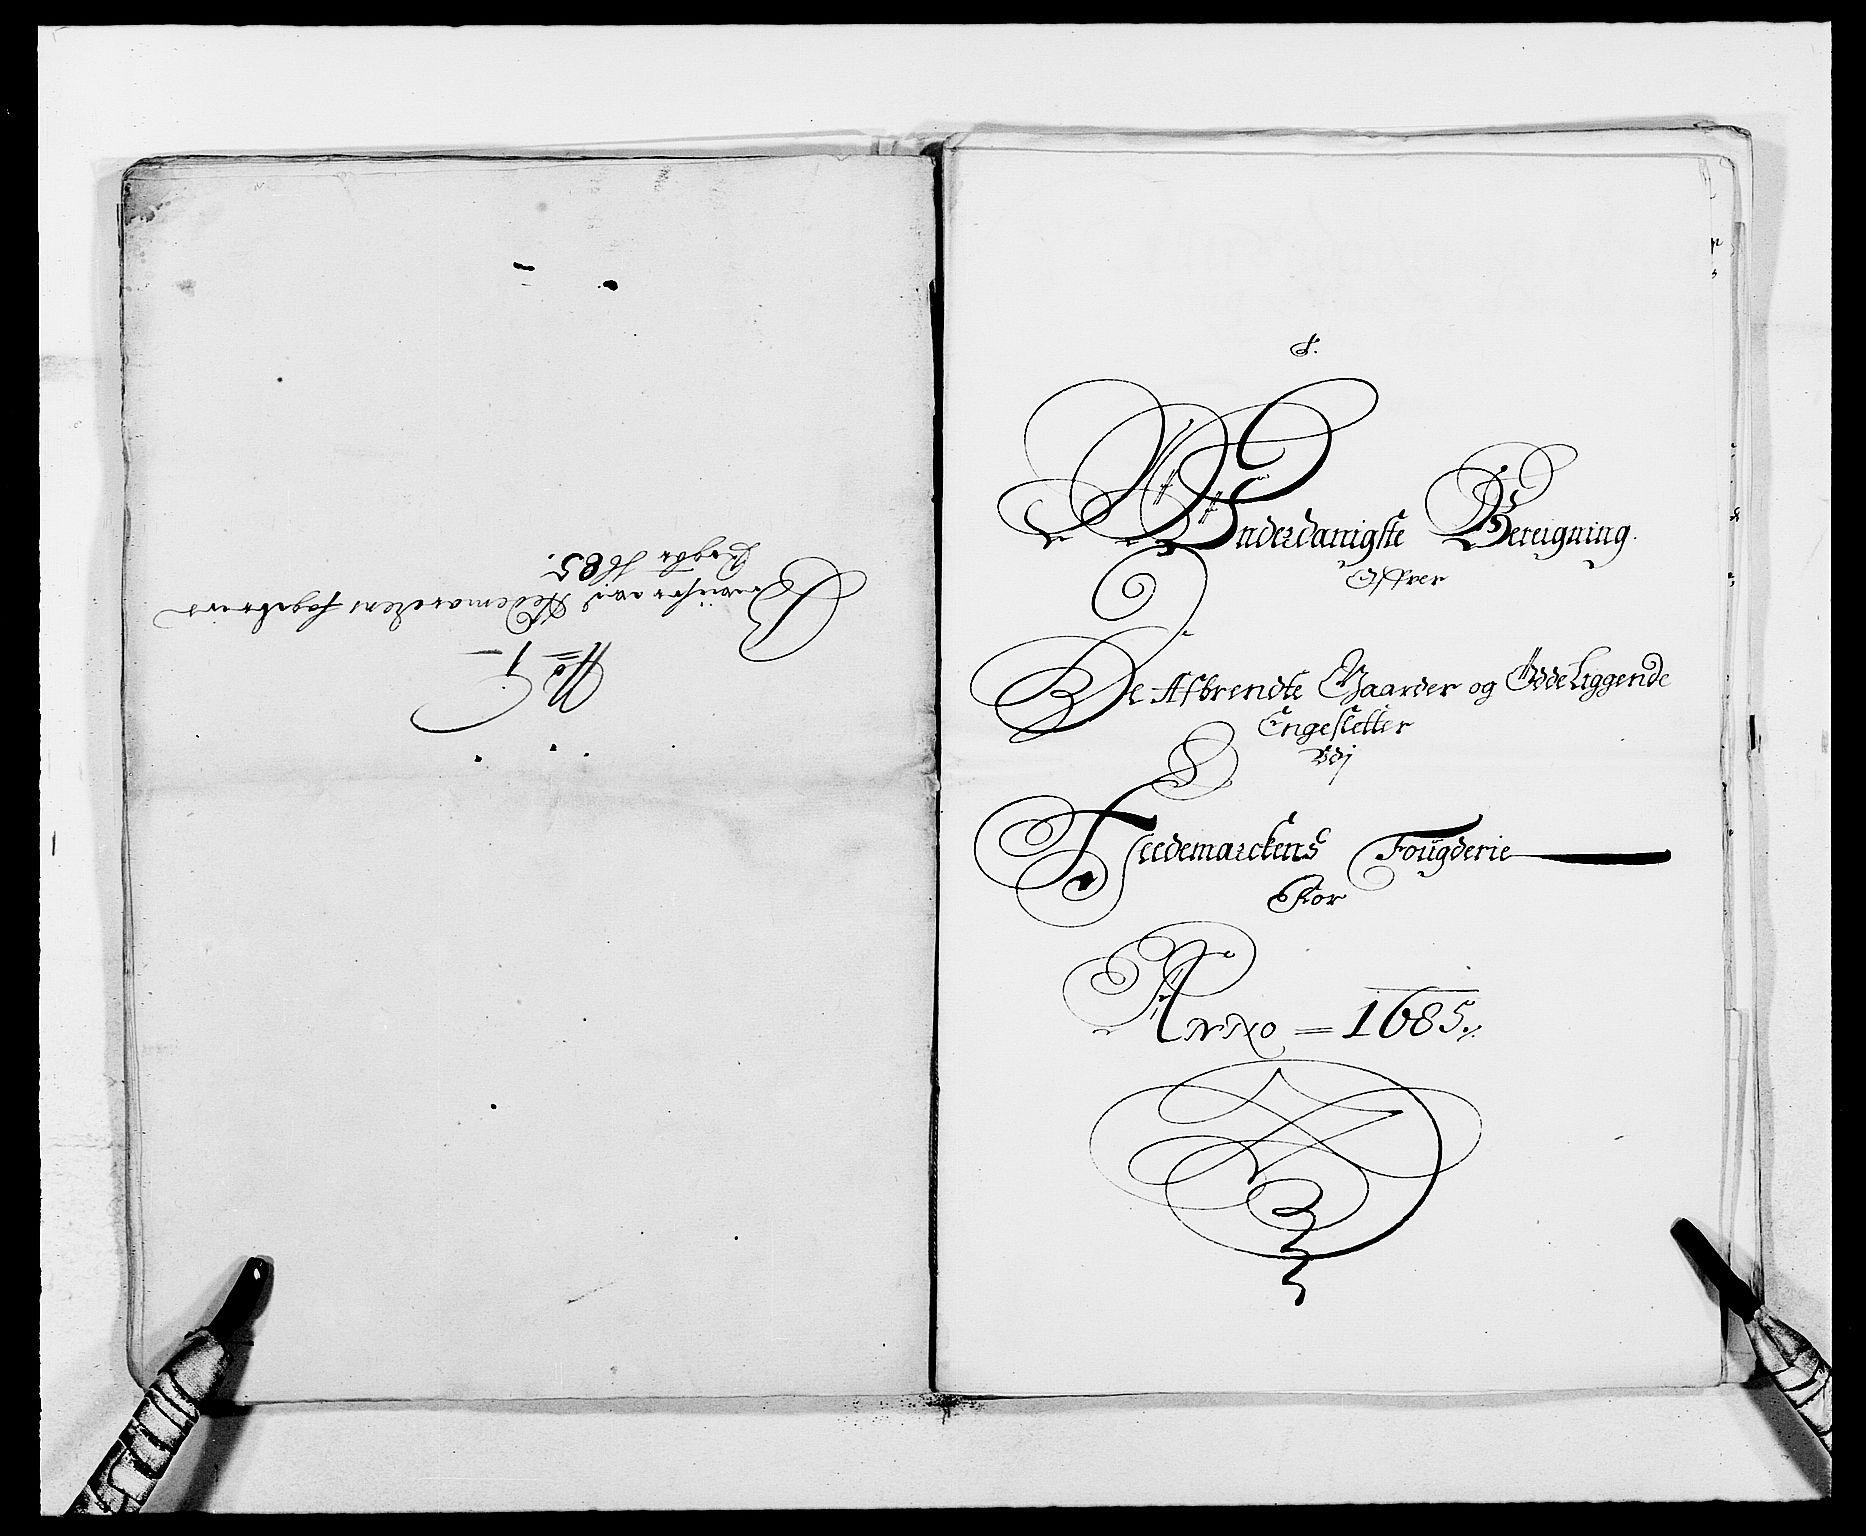 RA, Rentekammeret inntil 1814, Reviderte regnskaper, Fogderegnskap, R16/L1026: Fogderegnskap Hedmark, 1685, s. 160